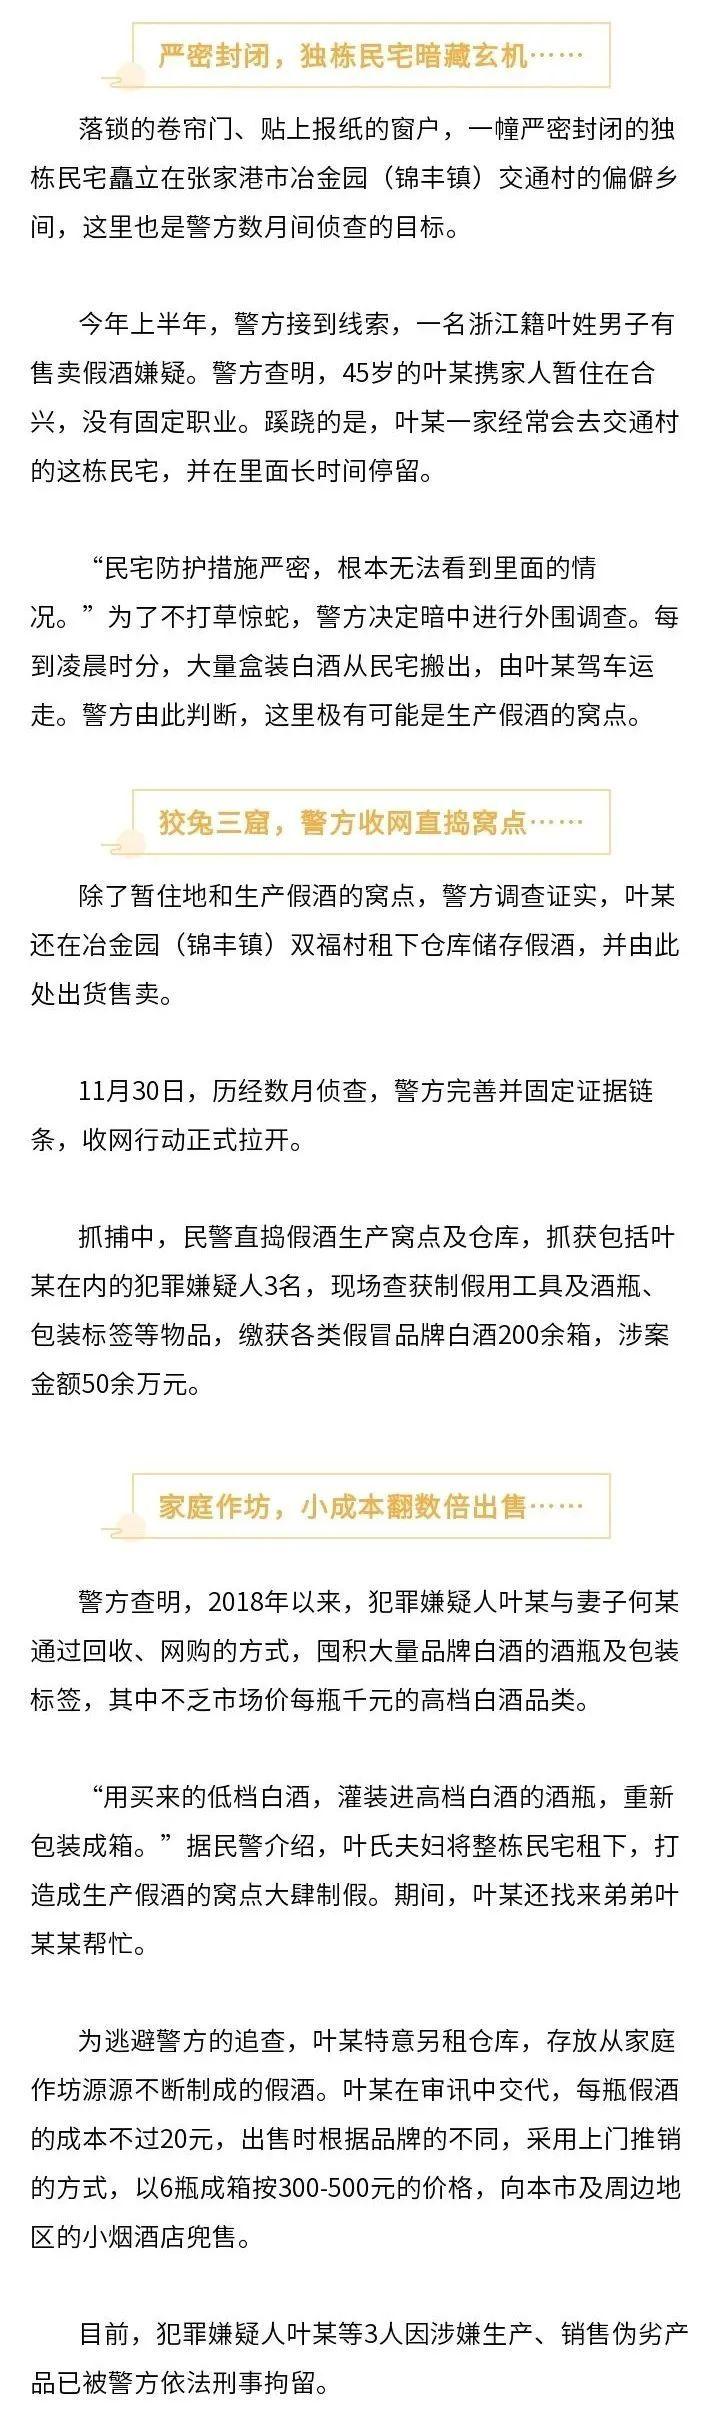 """一假酒作坊被端,有""""茅臺""""""""五糧液""""""""劍南"""